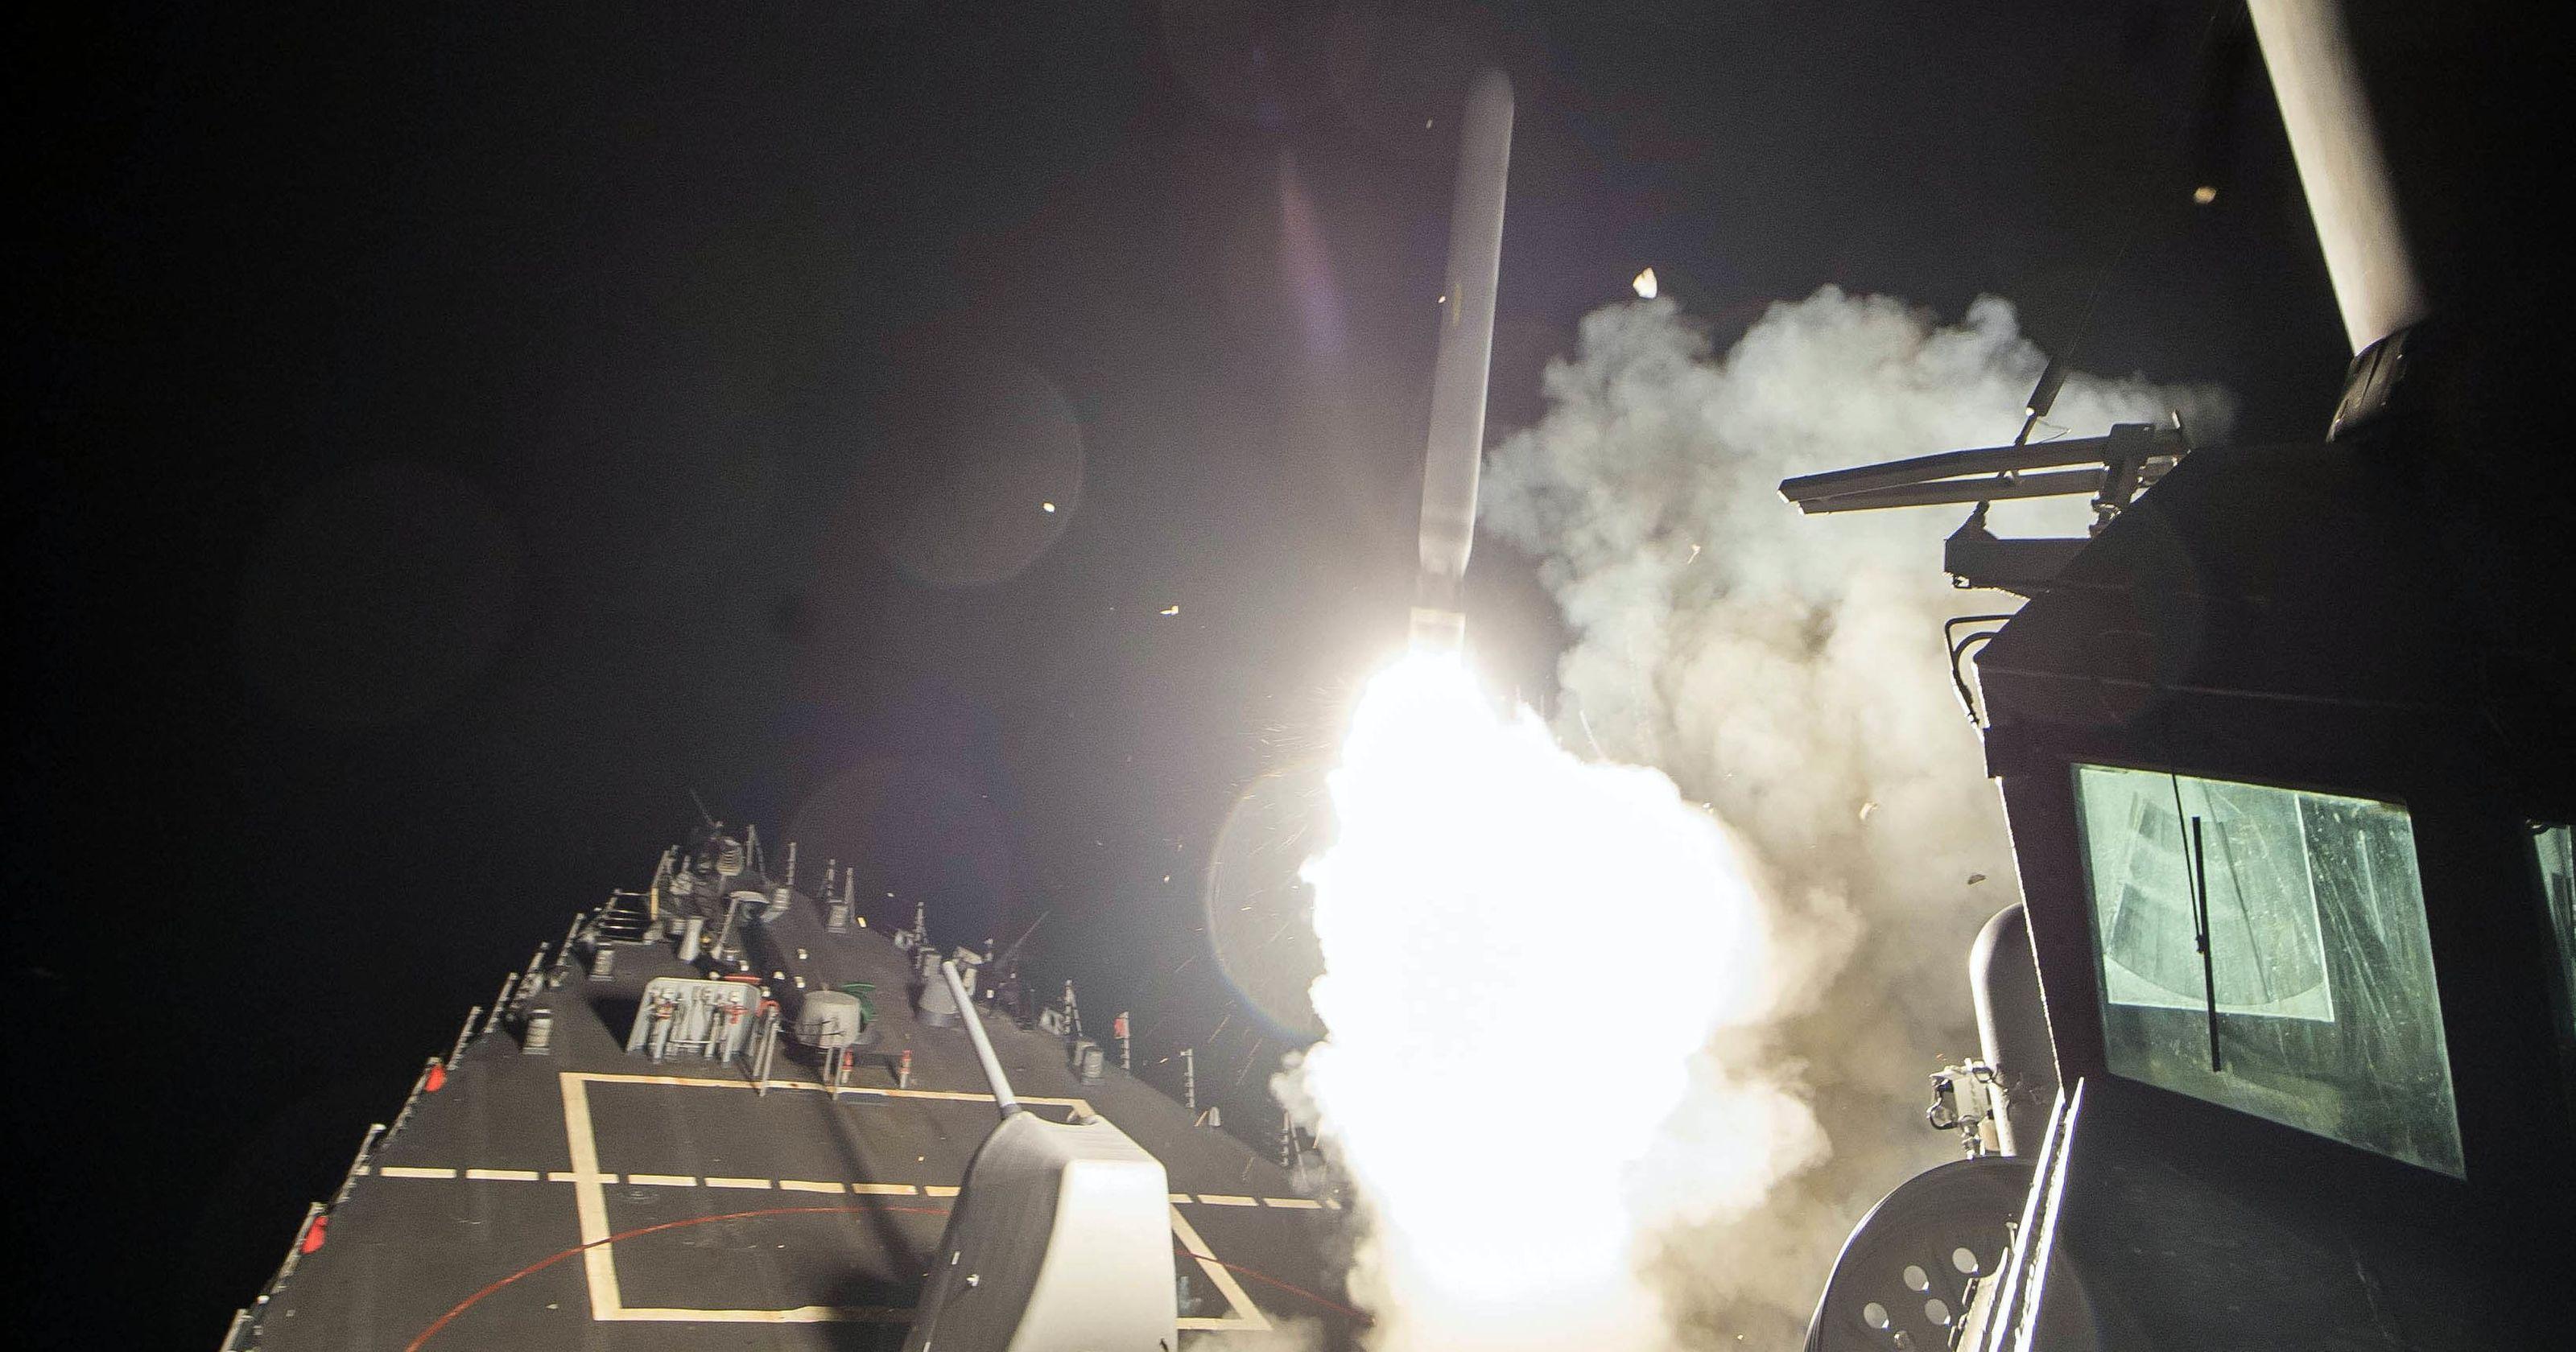 Οι ΗΠΑ παραβιάζουν τη συνθήκη INF: Ετοιμάζονται για νέες πυραυλικές δοκιμές μεγάλης εμβέλειας